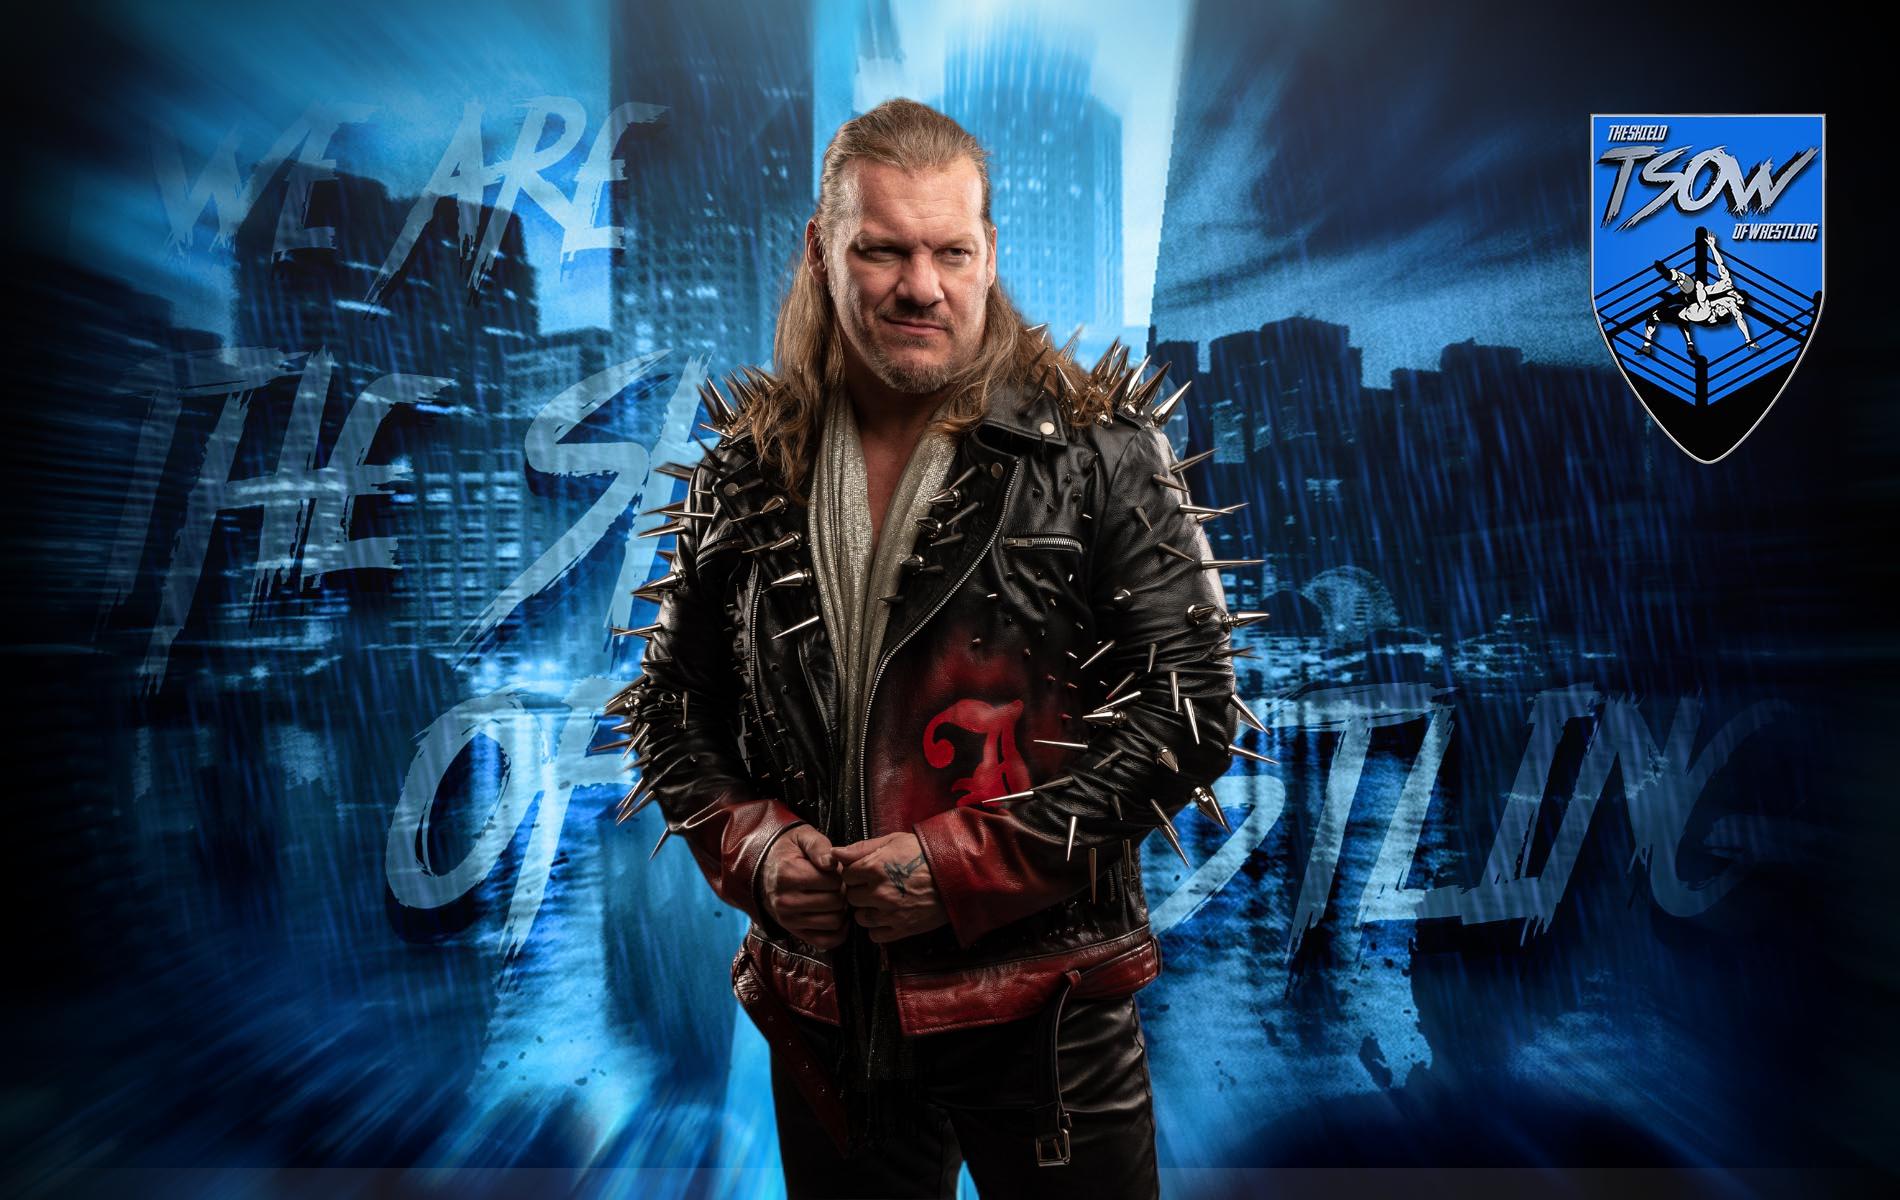 WWE SmackDown e la guerra con Friends: il racconto di Chris Jericho